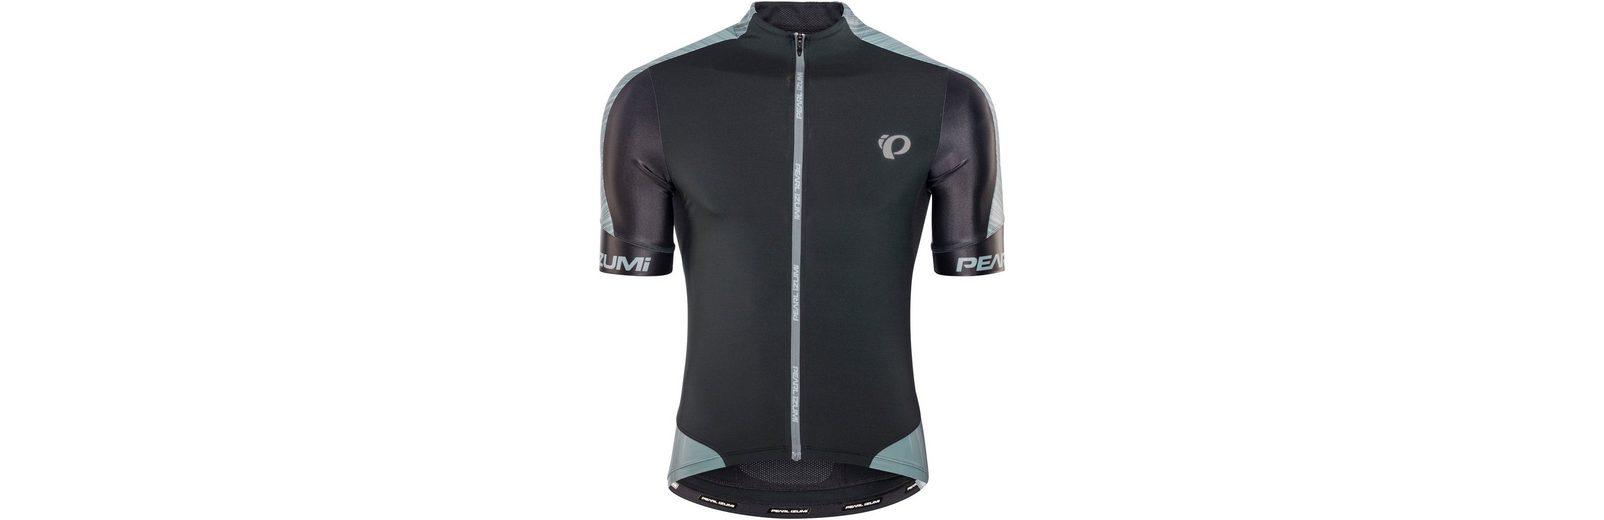 Verkaufsstelle Rabatt Bestseller Pearl Izumi T-Shirt Pro Leader Jersey Men 100% Authentisch Günstig Online Verkauf Wiki io1M6OYrt2